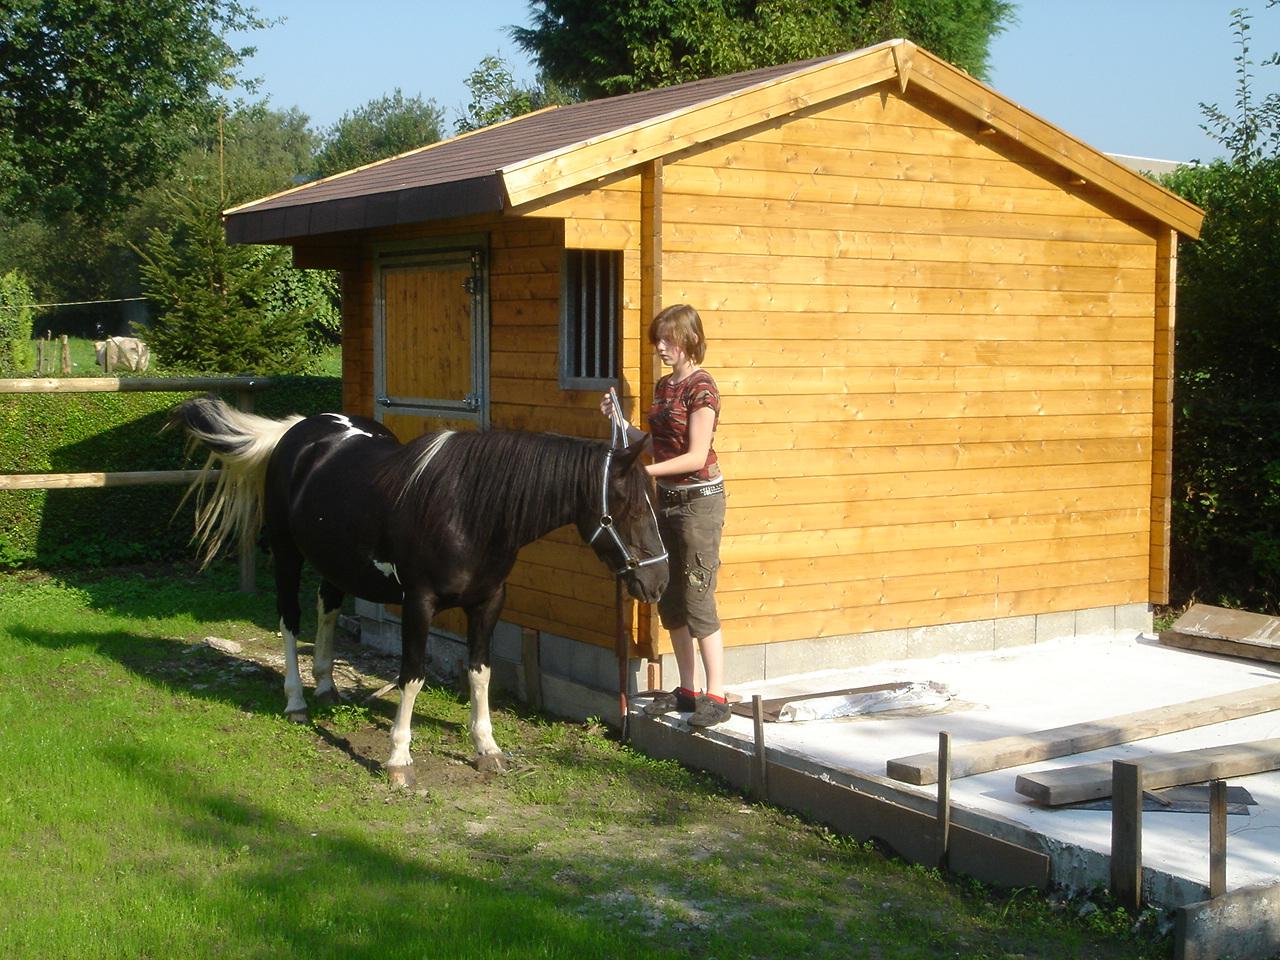 combattre l humidit dans son abri pour chevaux blog chalet center. Black Bedroom Furniture Sets. Home Design Ideas